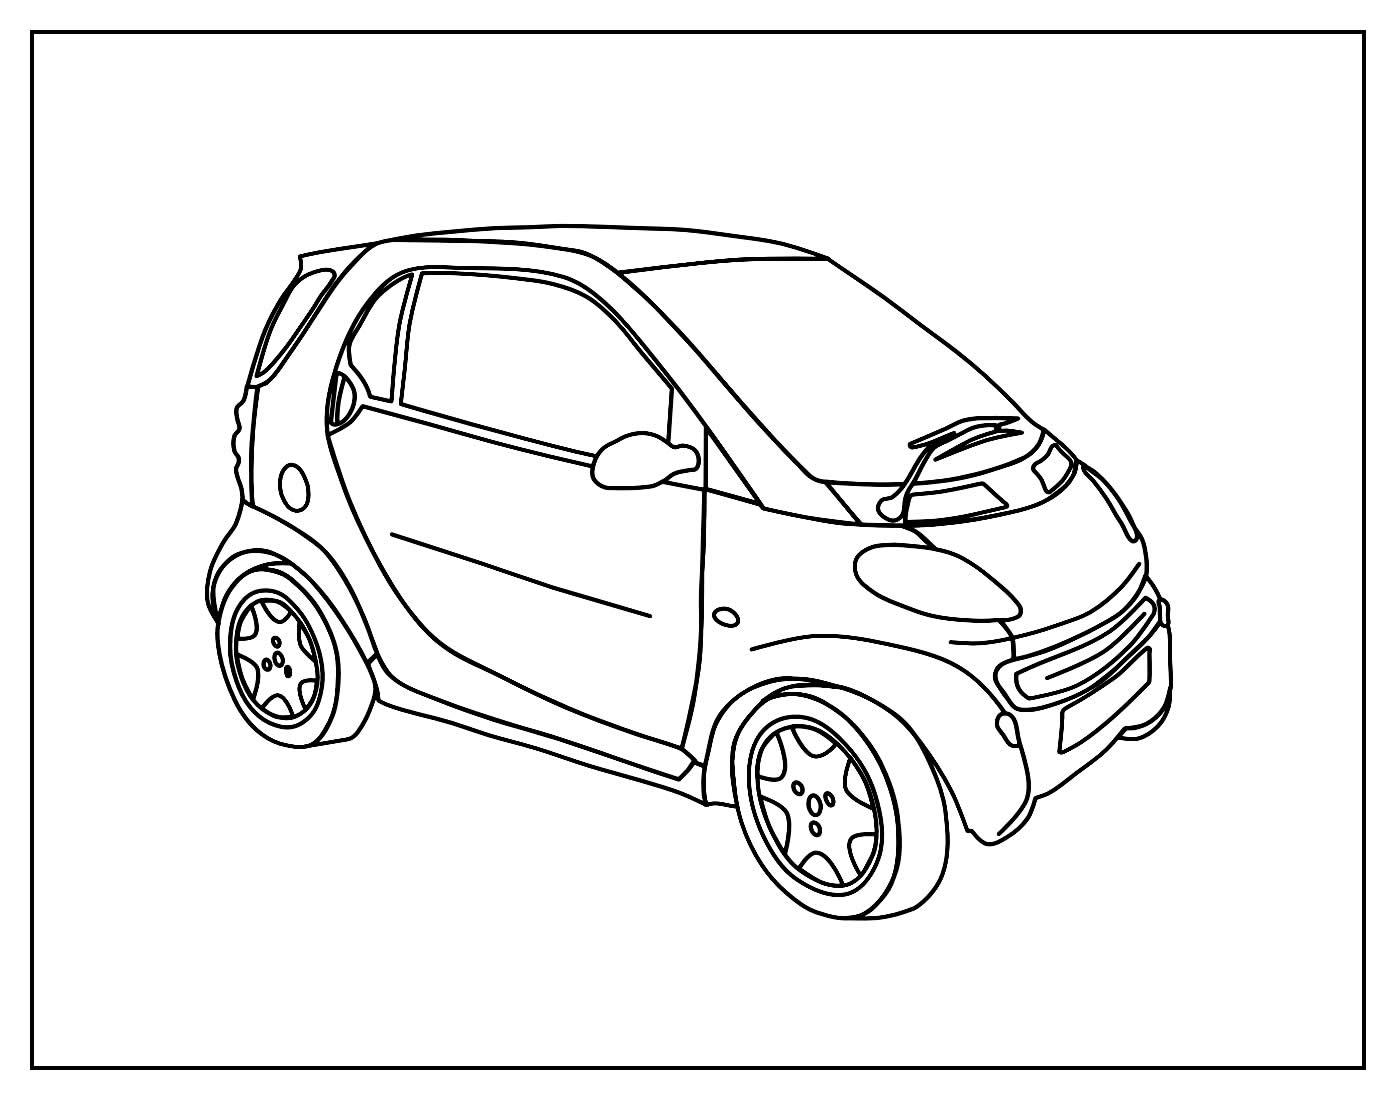 Desenho para pintar de Carro